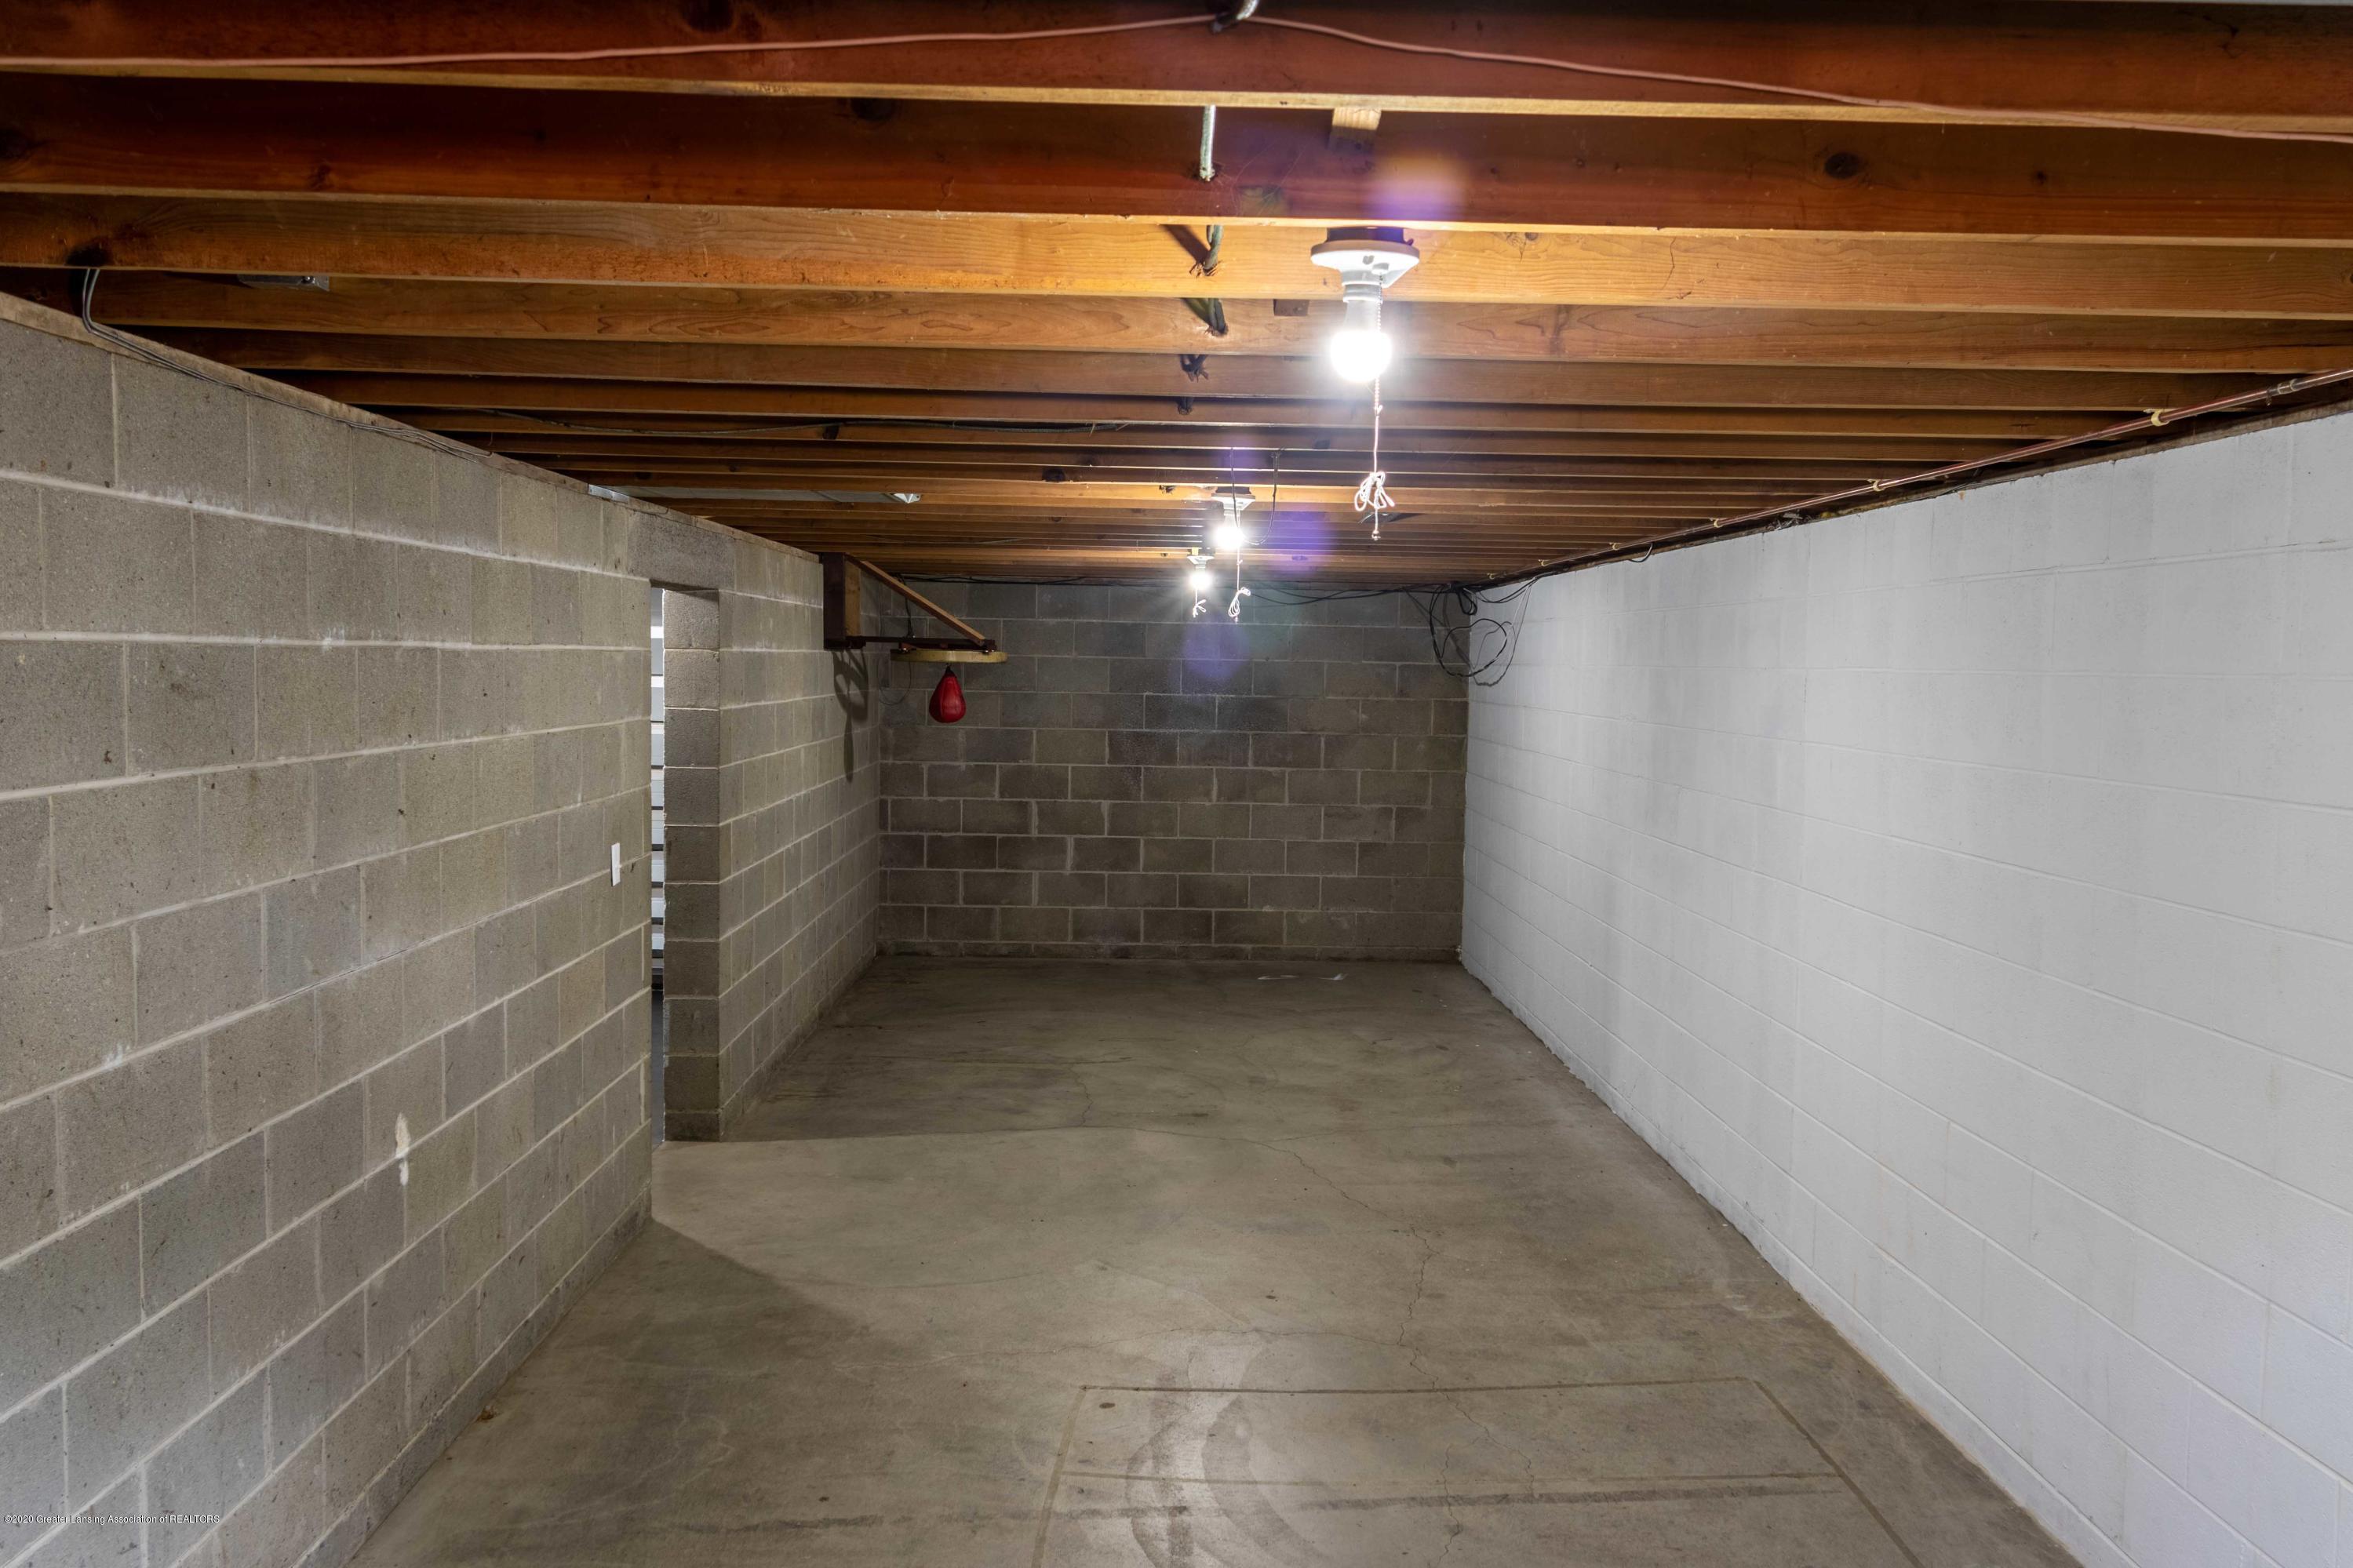 5655 E Pratt Rd - large basement room-2 - 33